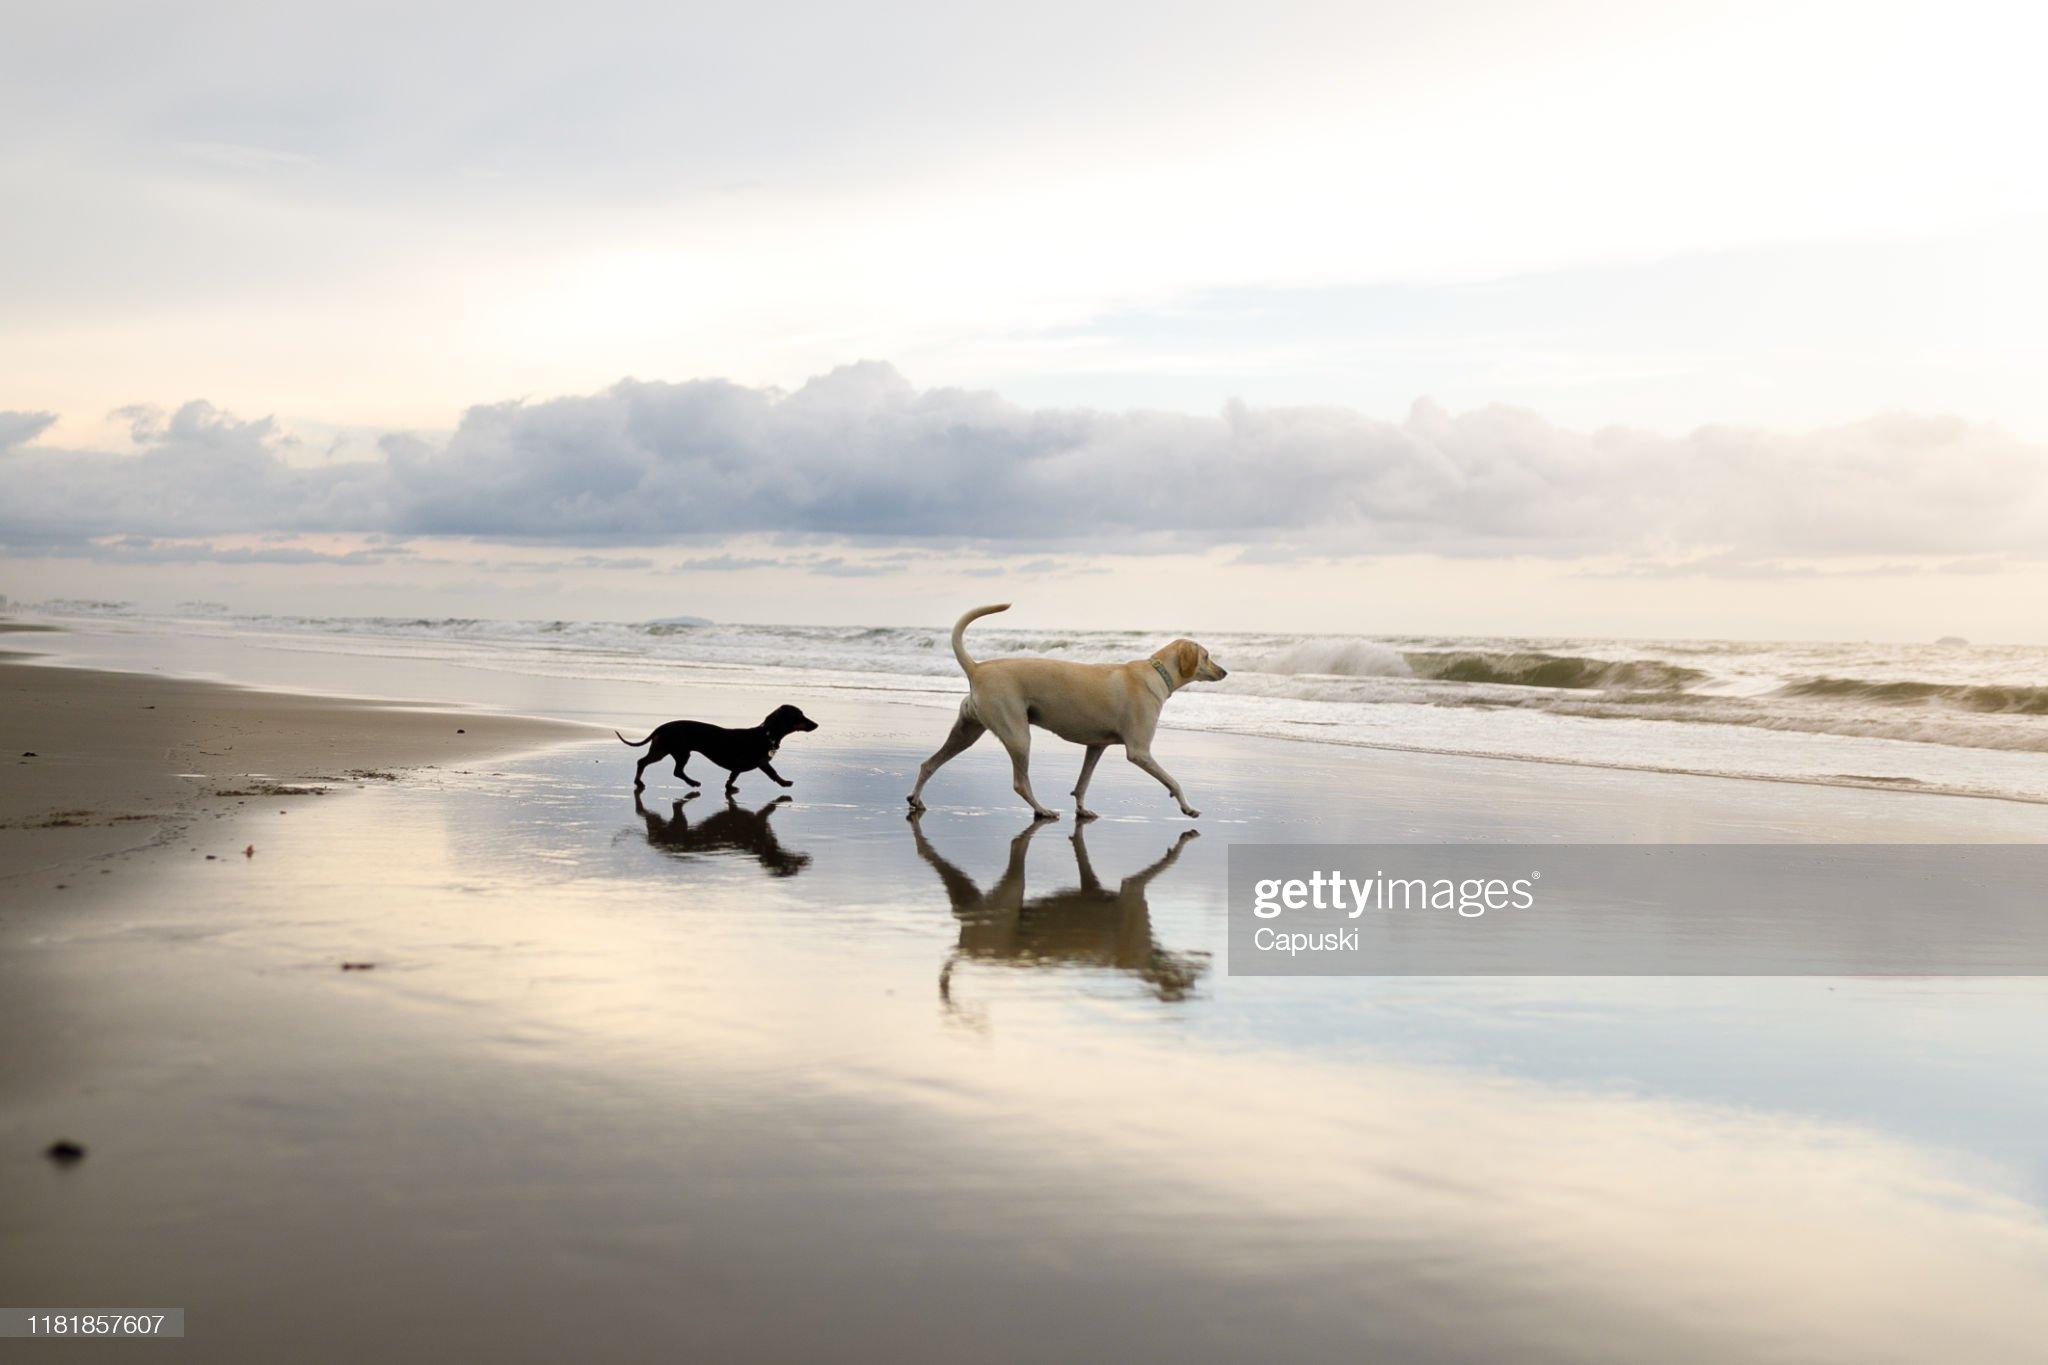 兩只狗在沙灘上行走 : 圖庫照片